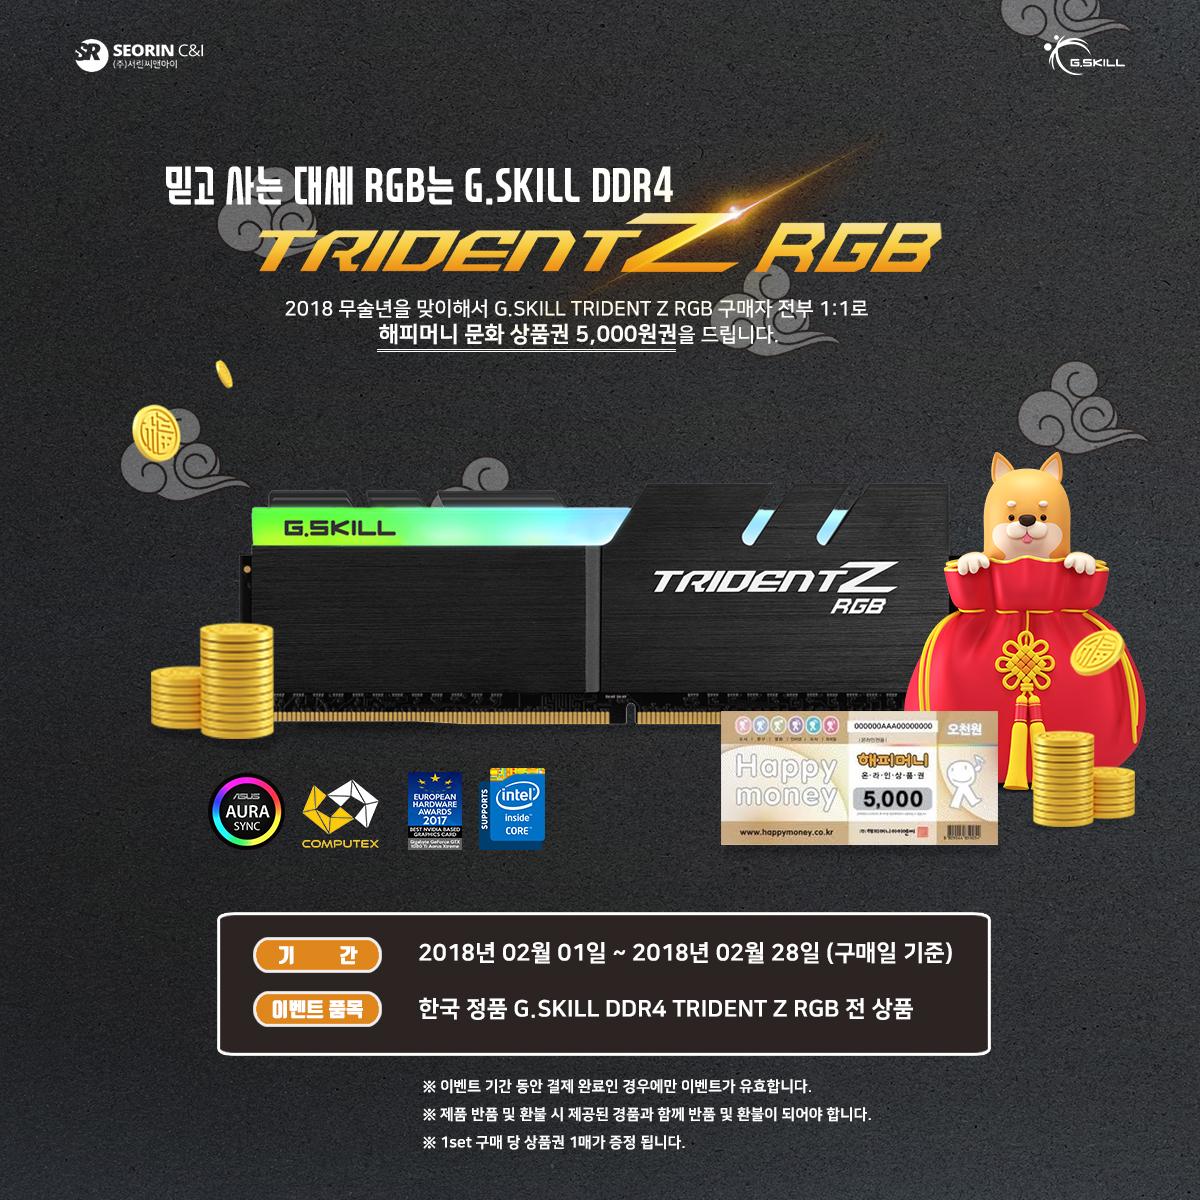 2018 무술년 RGB 대세 메모리 G.SKILL 상품권 증정 이벤트!